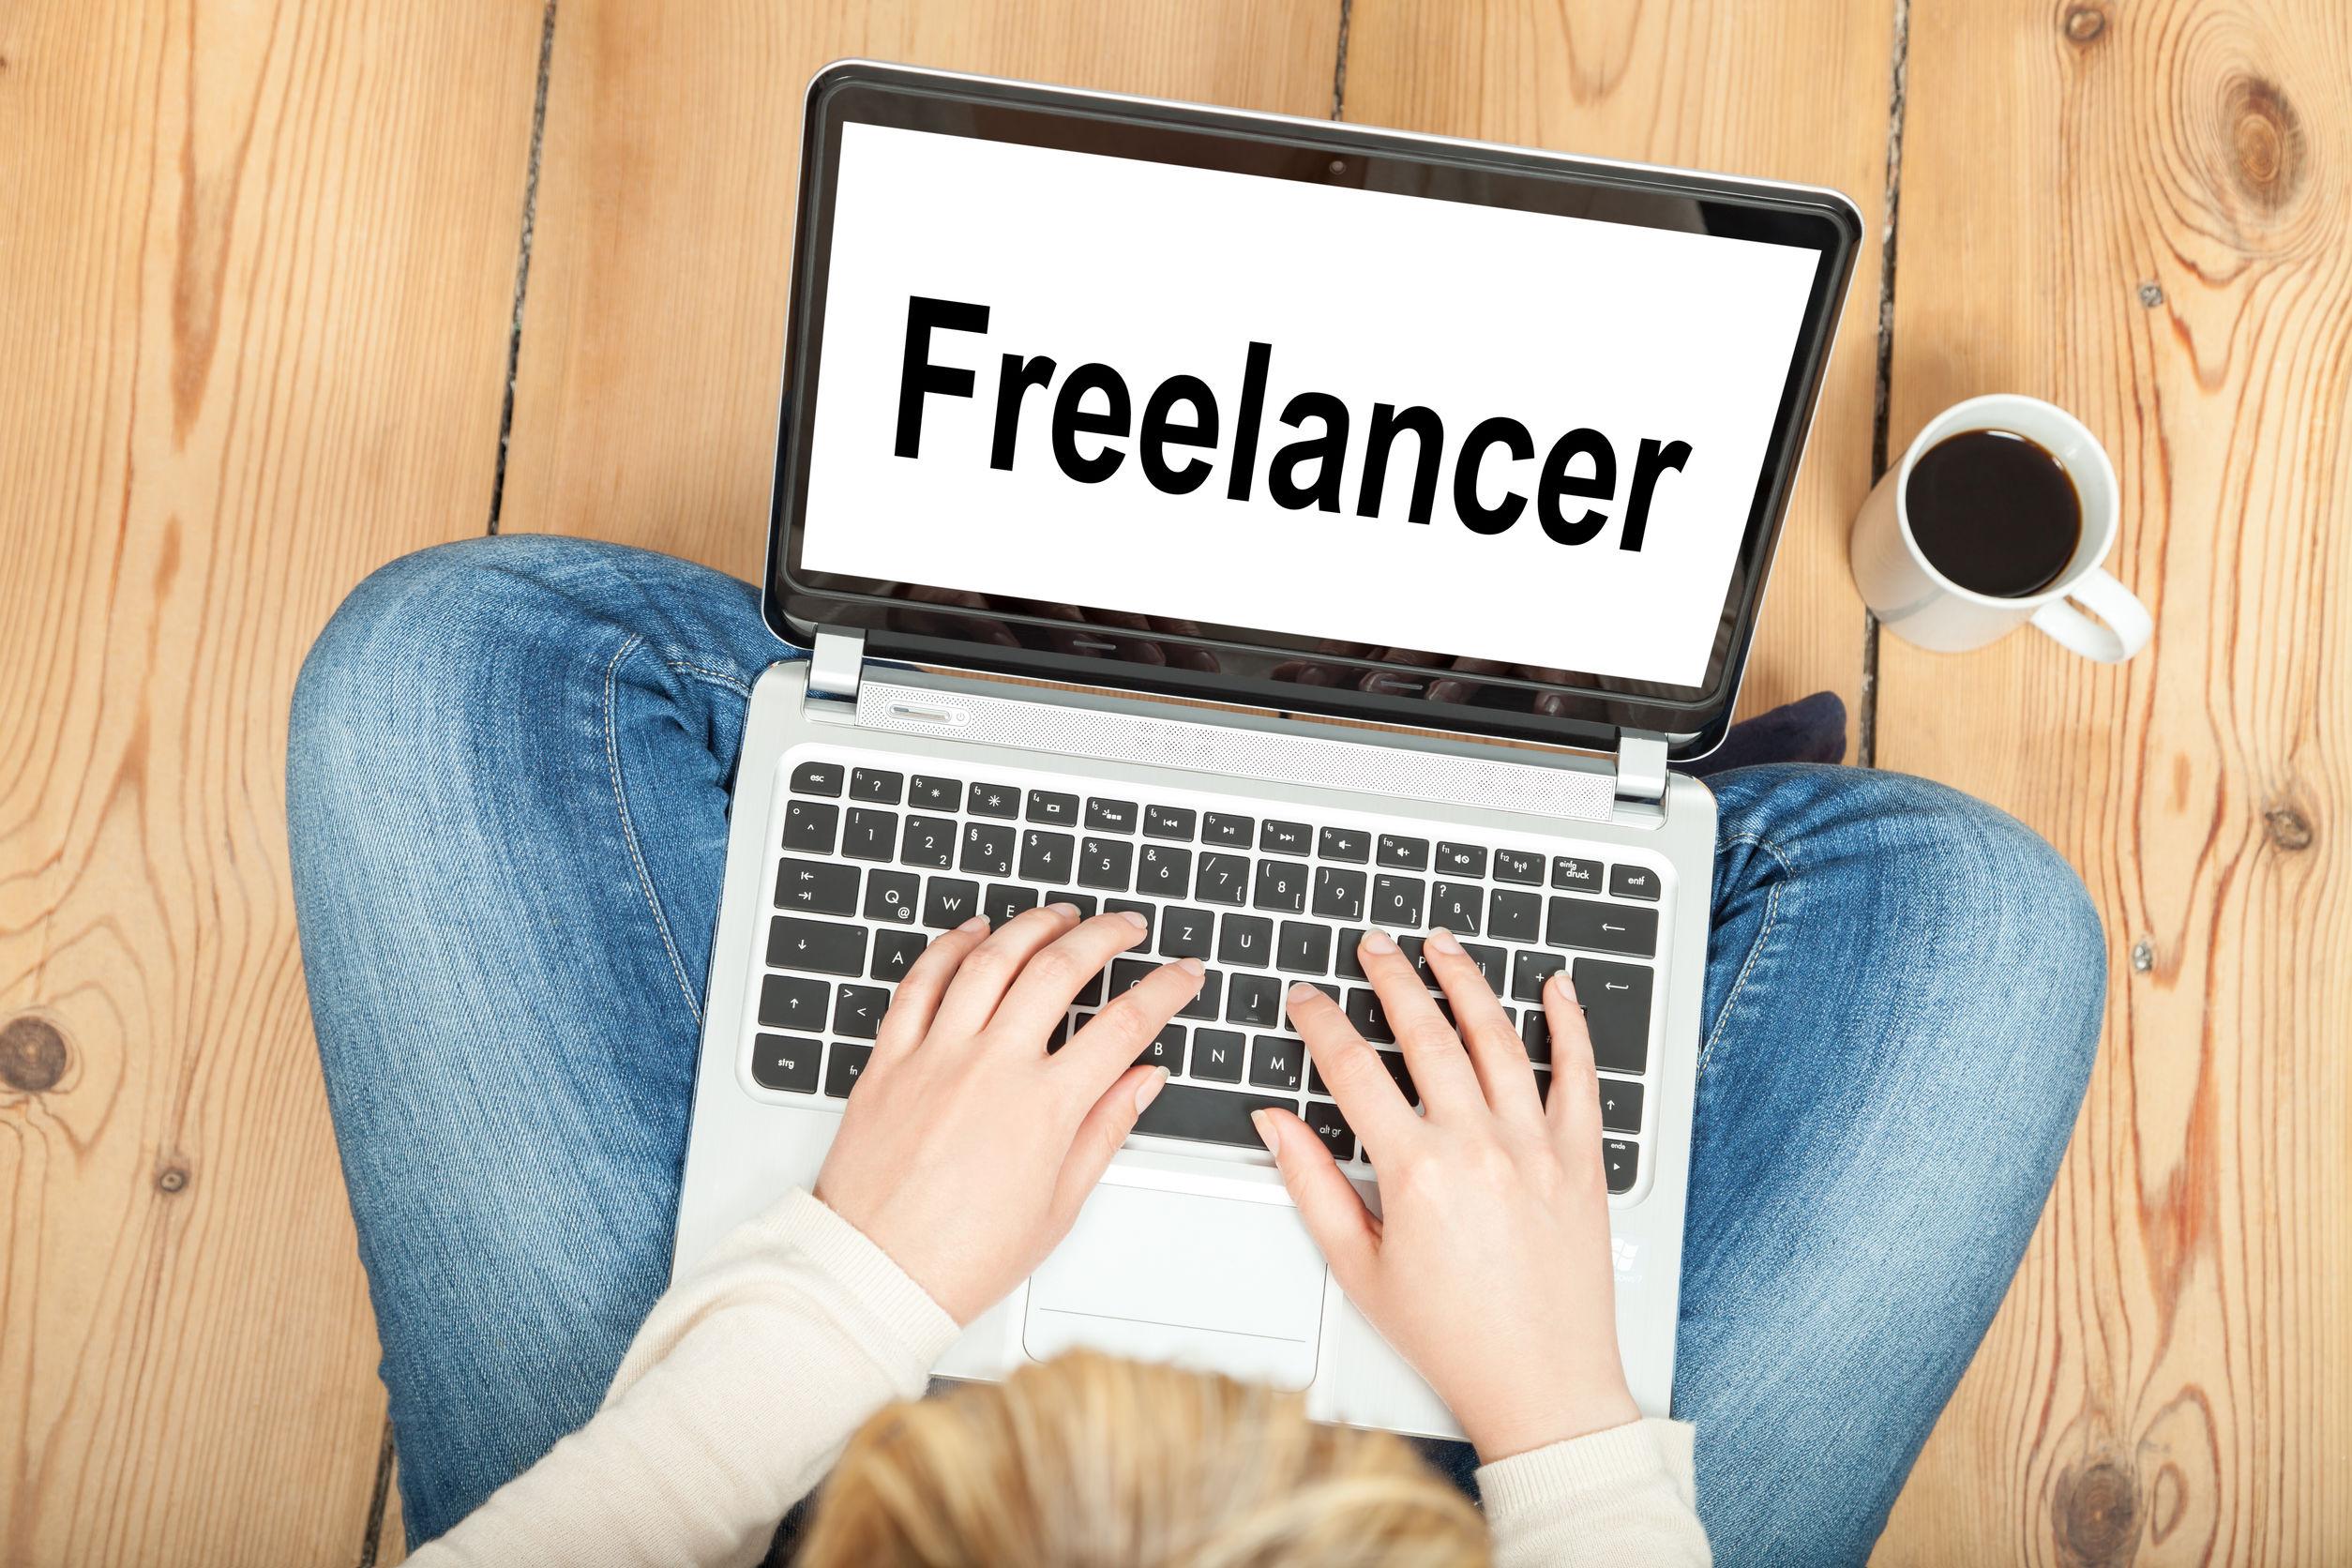 Langkah Mudah Mengatur Freelancer untuk Bisnis Anda